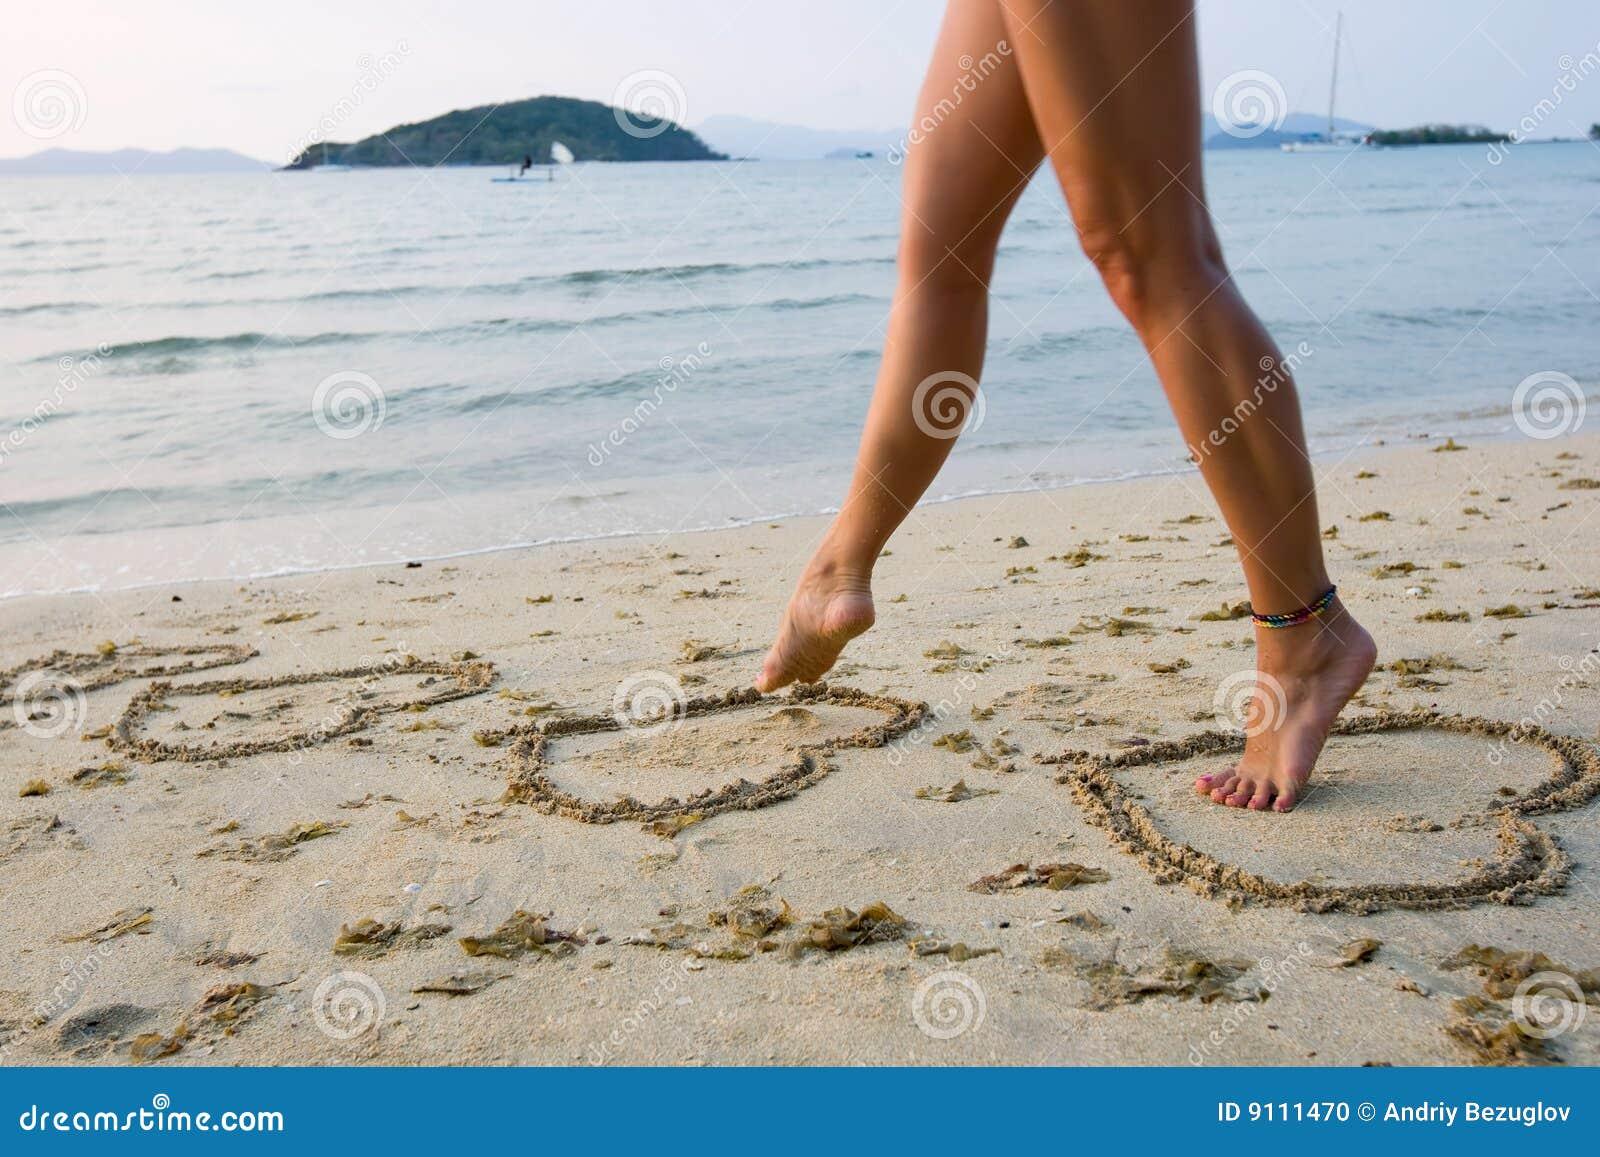 Фото ног девочек на пляже 9 фотография